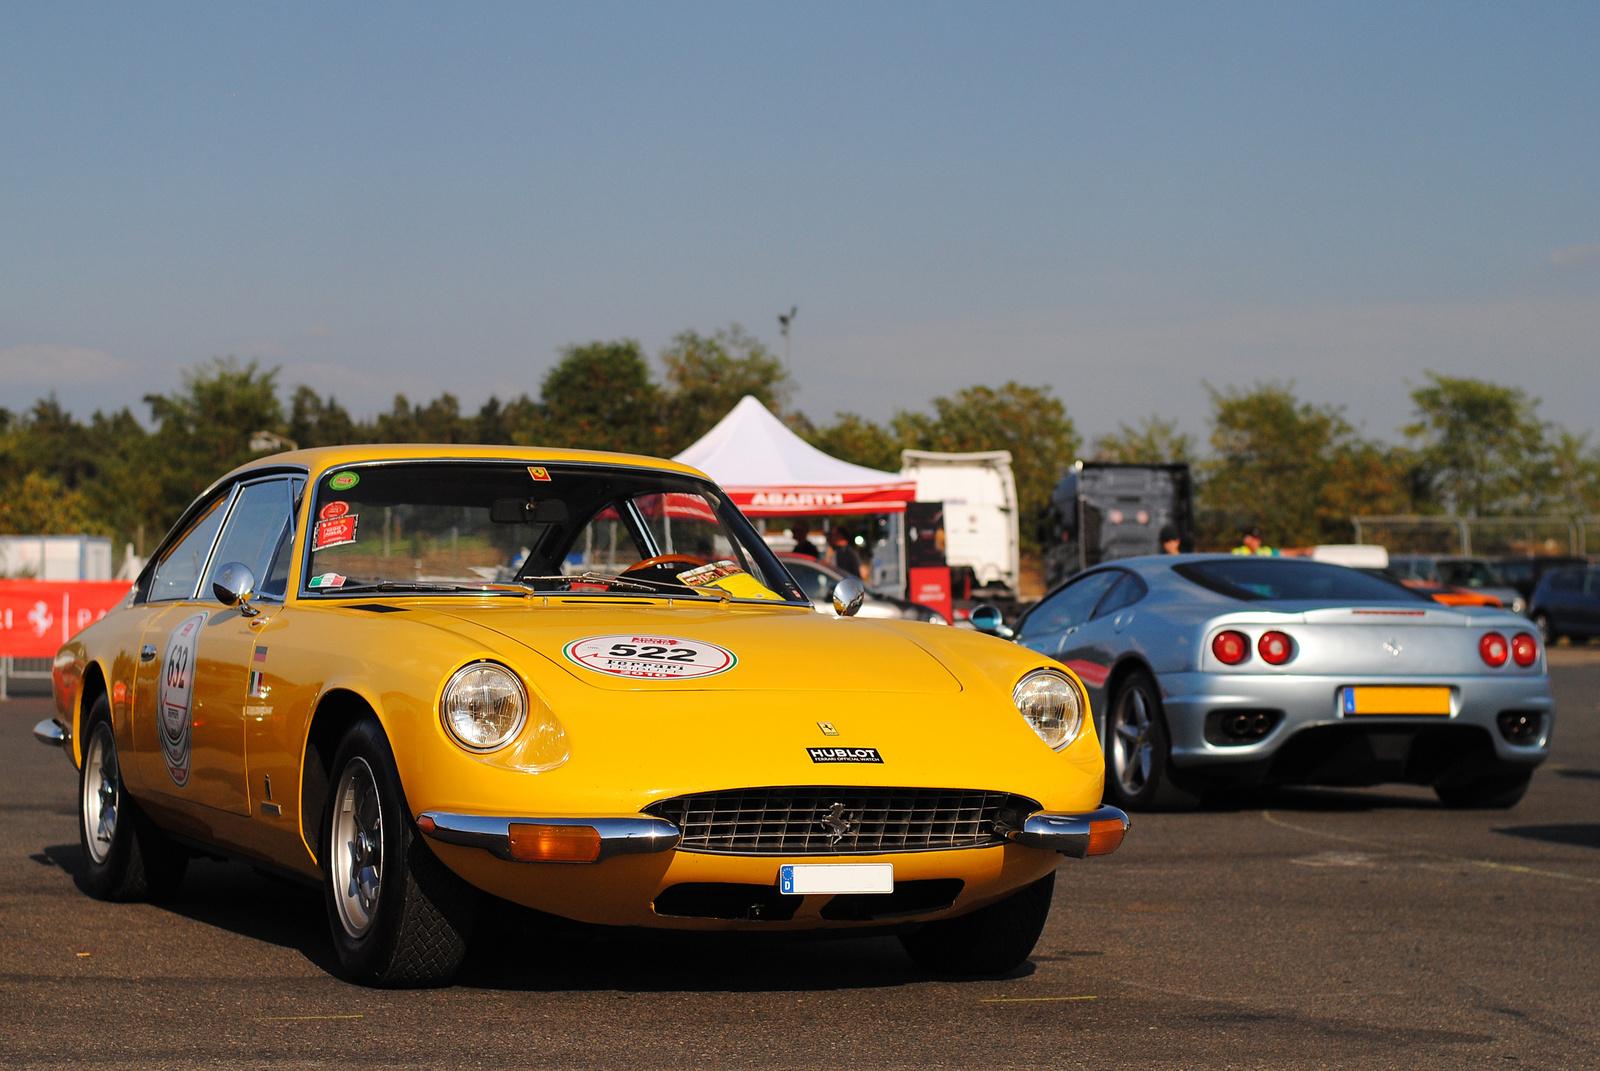 Ferrari 365 GT 2+2 - Ferrari 360 Modena